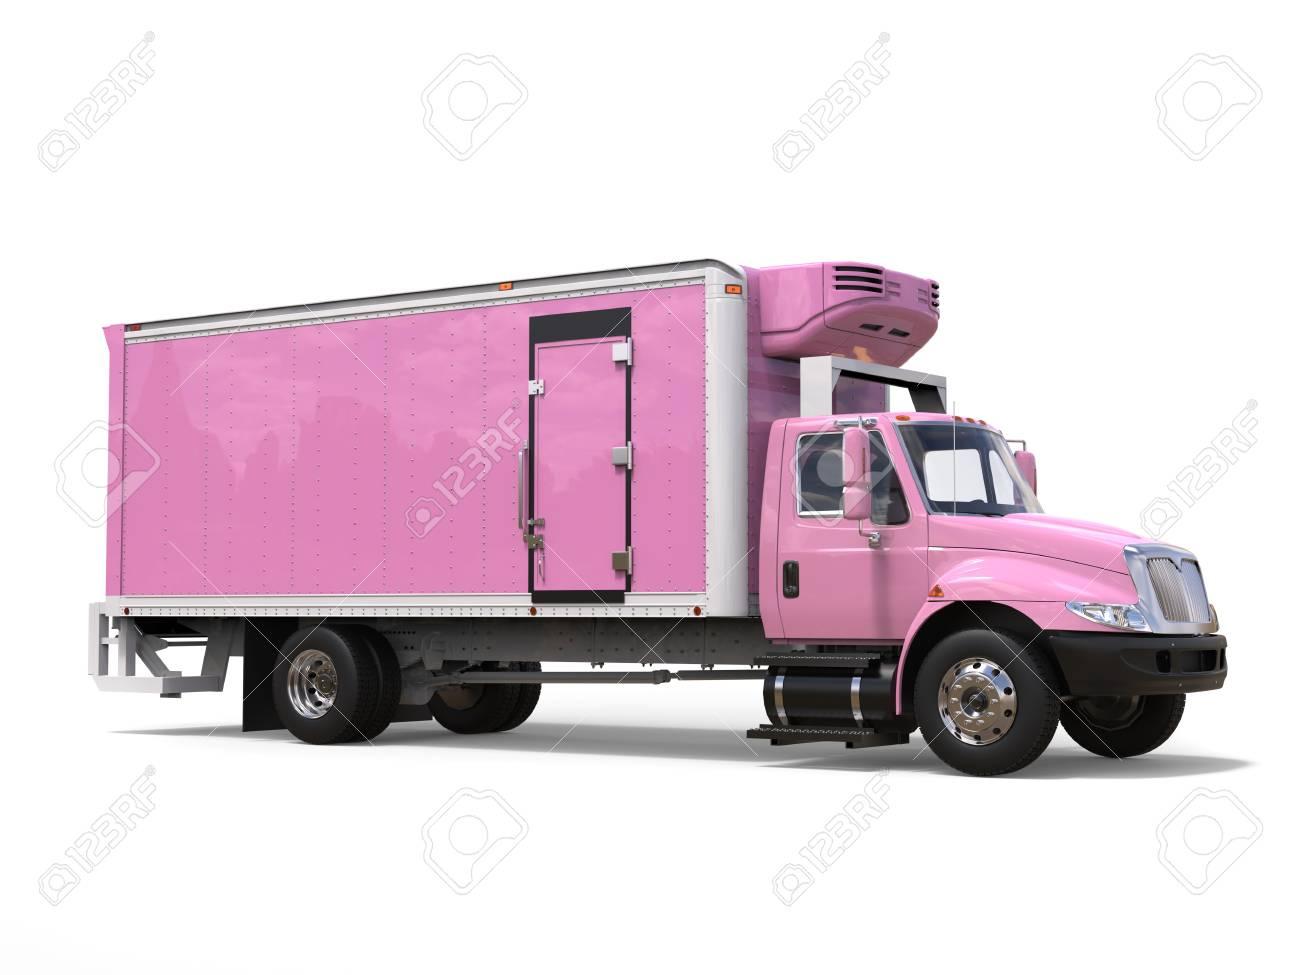 Kühlschrank Rosa : Rosa cargo kühlschrank lkw lizenzfreie fotos bilder und stock